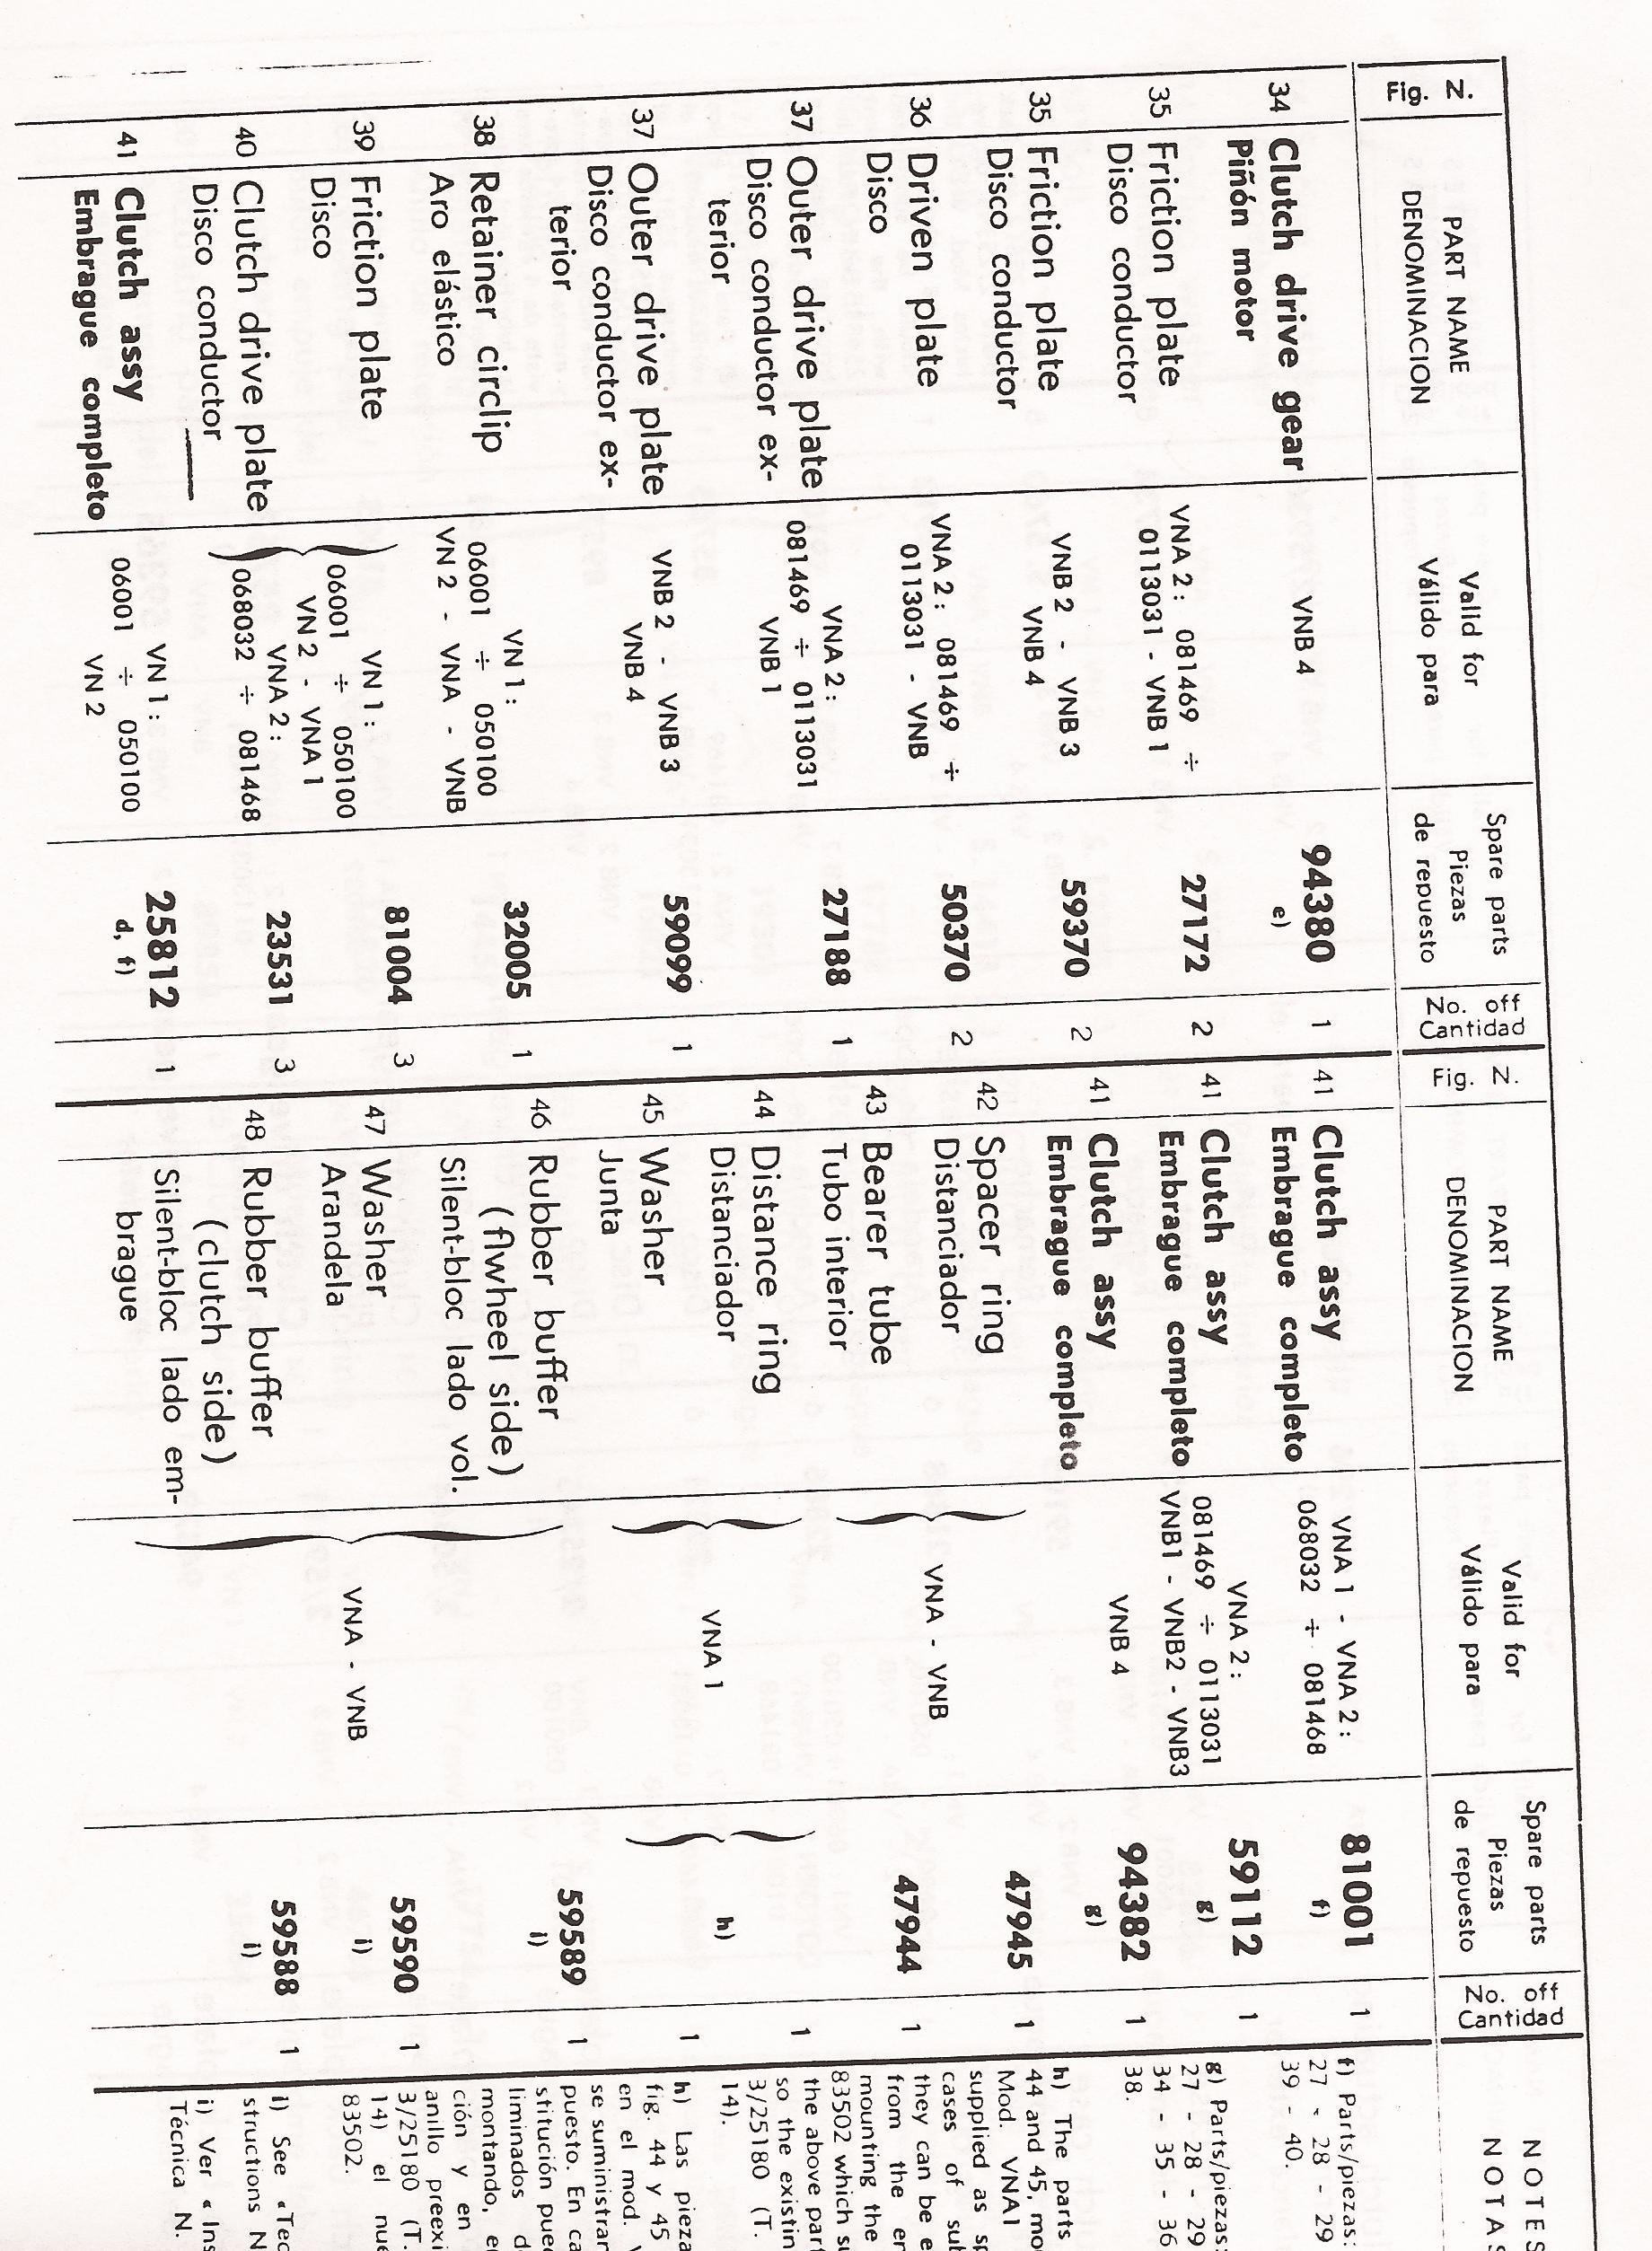 07-16-2013 vespa 125 catalog manuel 27.jpg